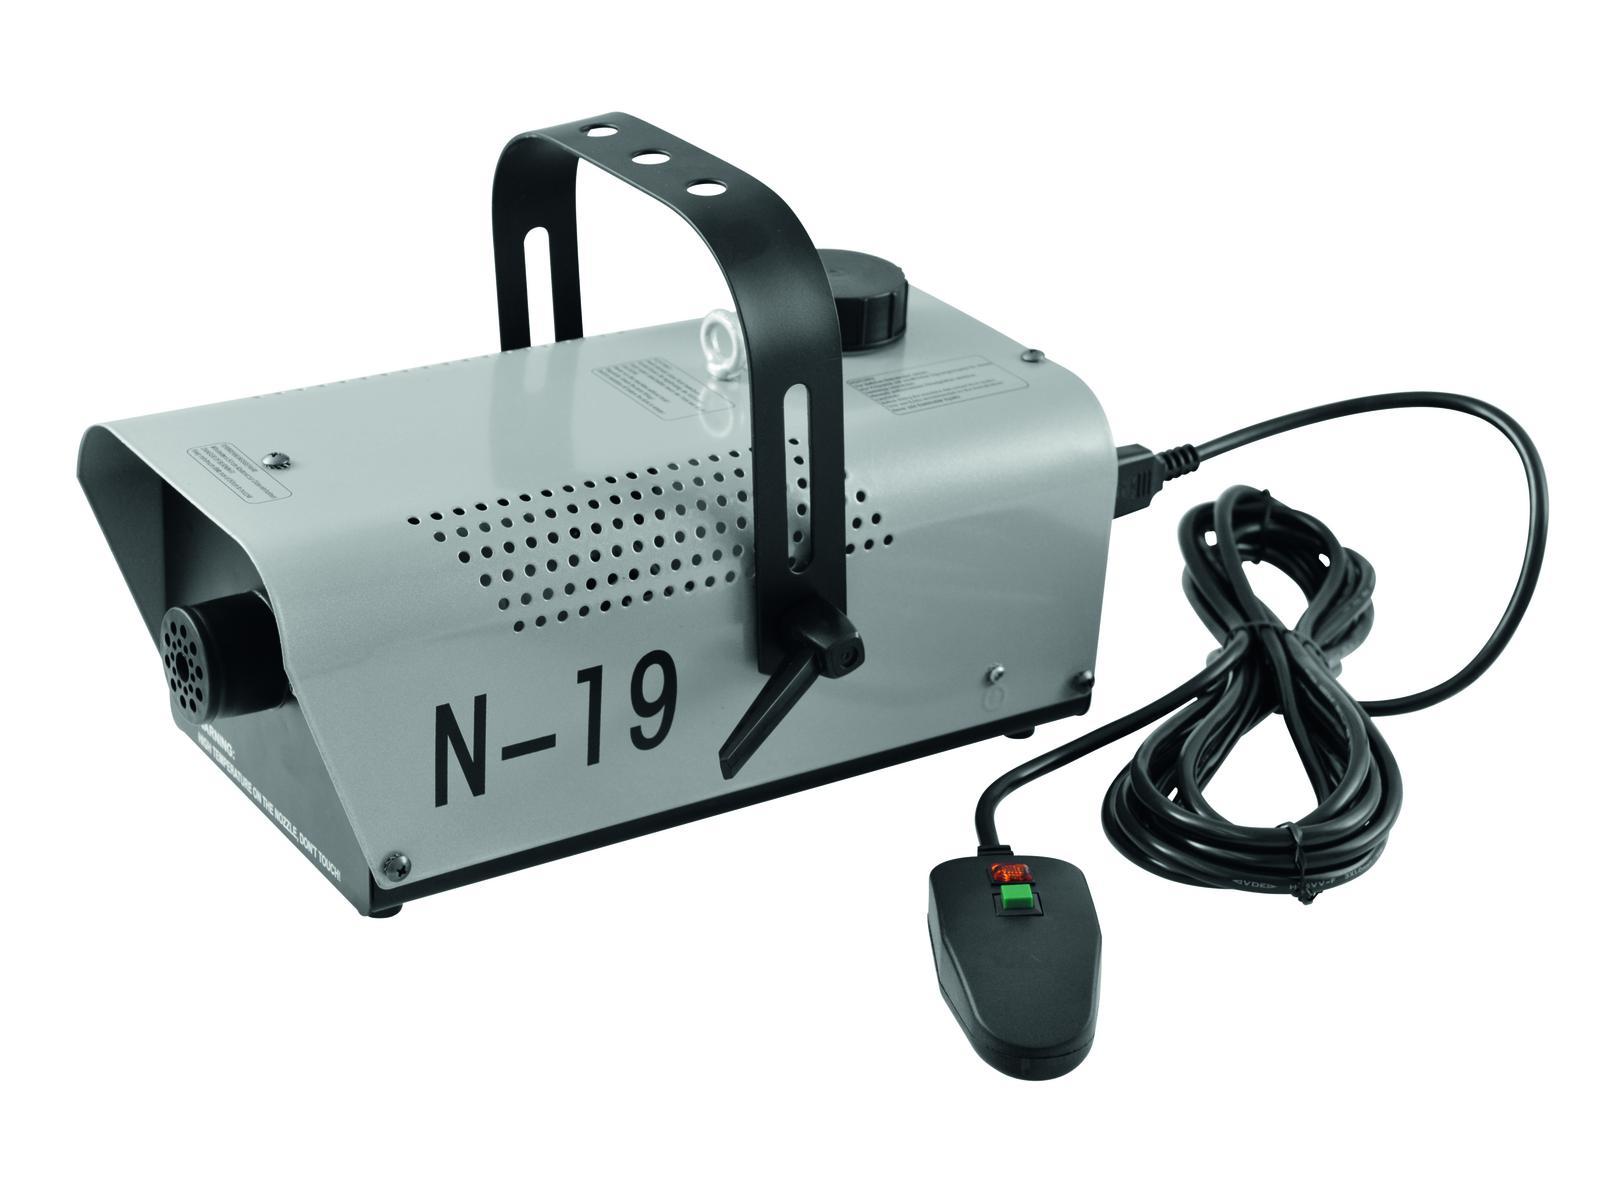 EUROLITE Nebelmaschine N-19, silber mit ON/OFF